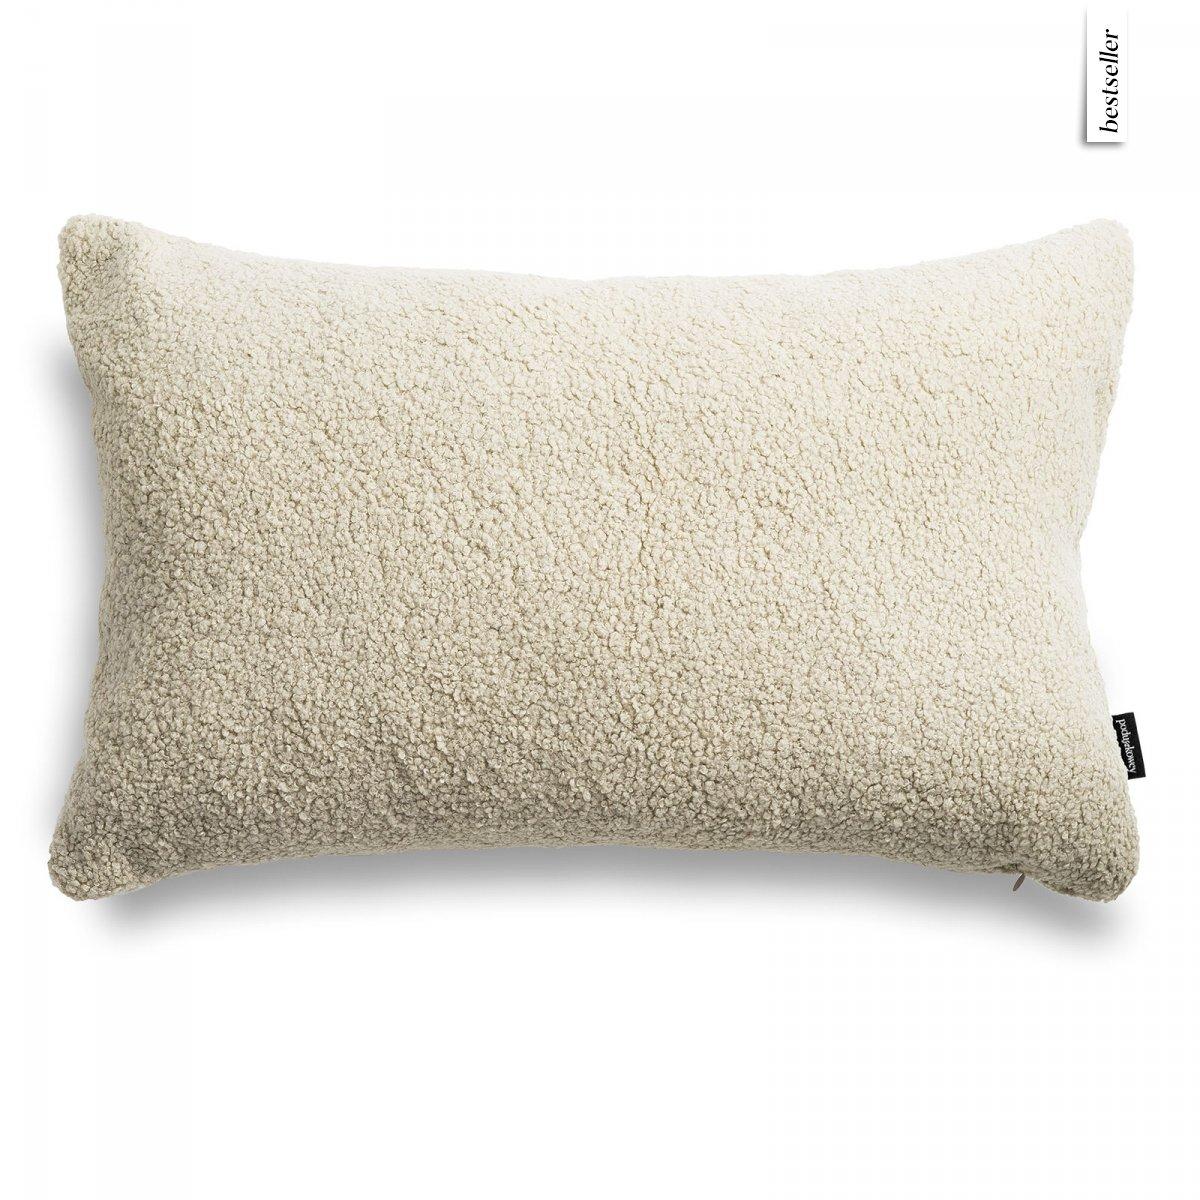 Cozy beżowa poduszka dekoracyjna 60x40